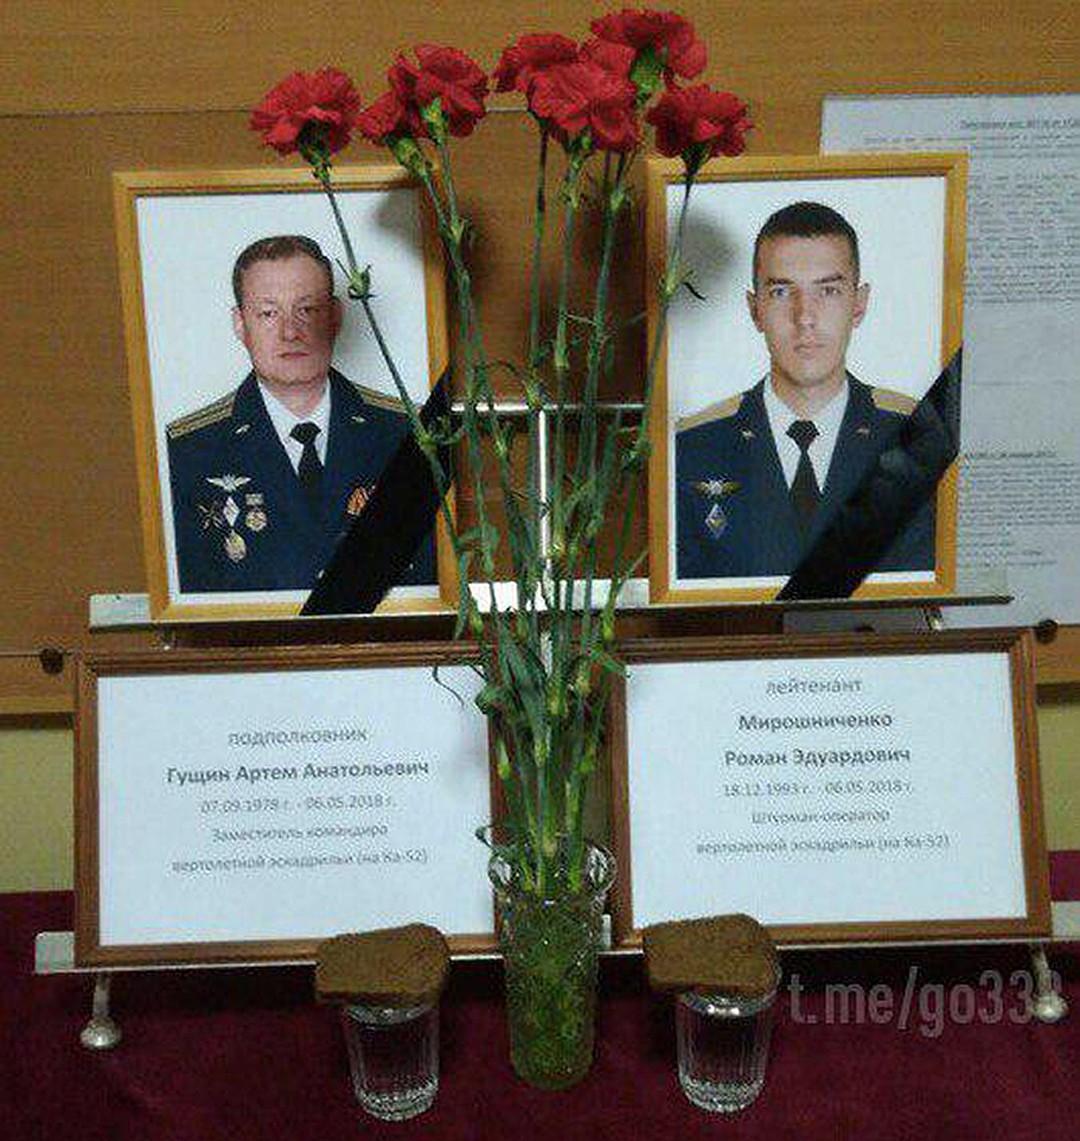 Погибли в Сирии 2 вертолетчика, подполковник Гущин и лейтенант Мирошниченко. 2018